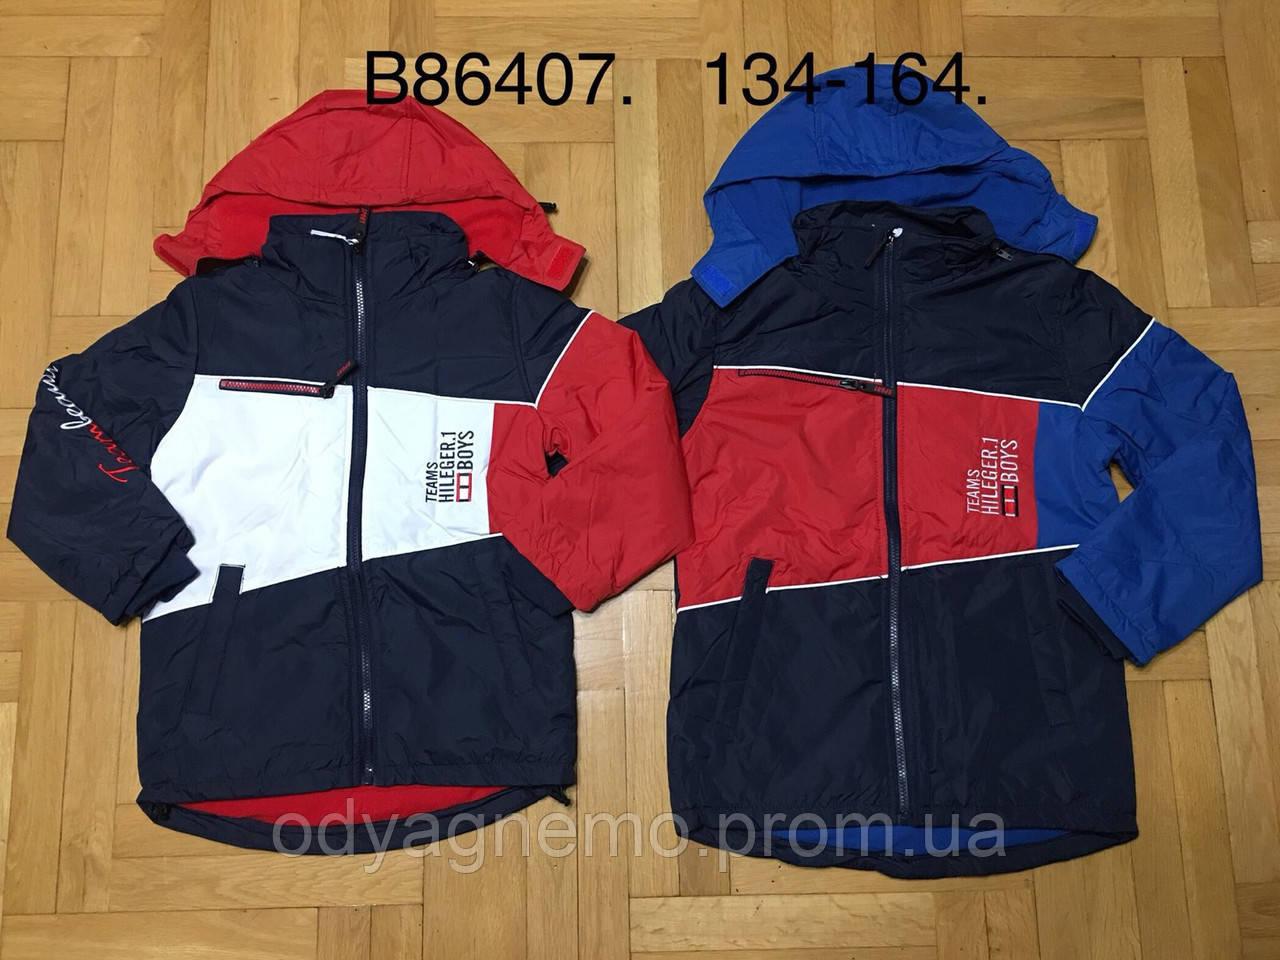 Куртка на флисе для мальчиков Grace оптом, 134-164 рр. Артикул: B86407